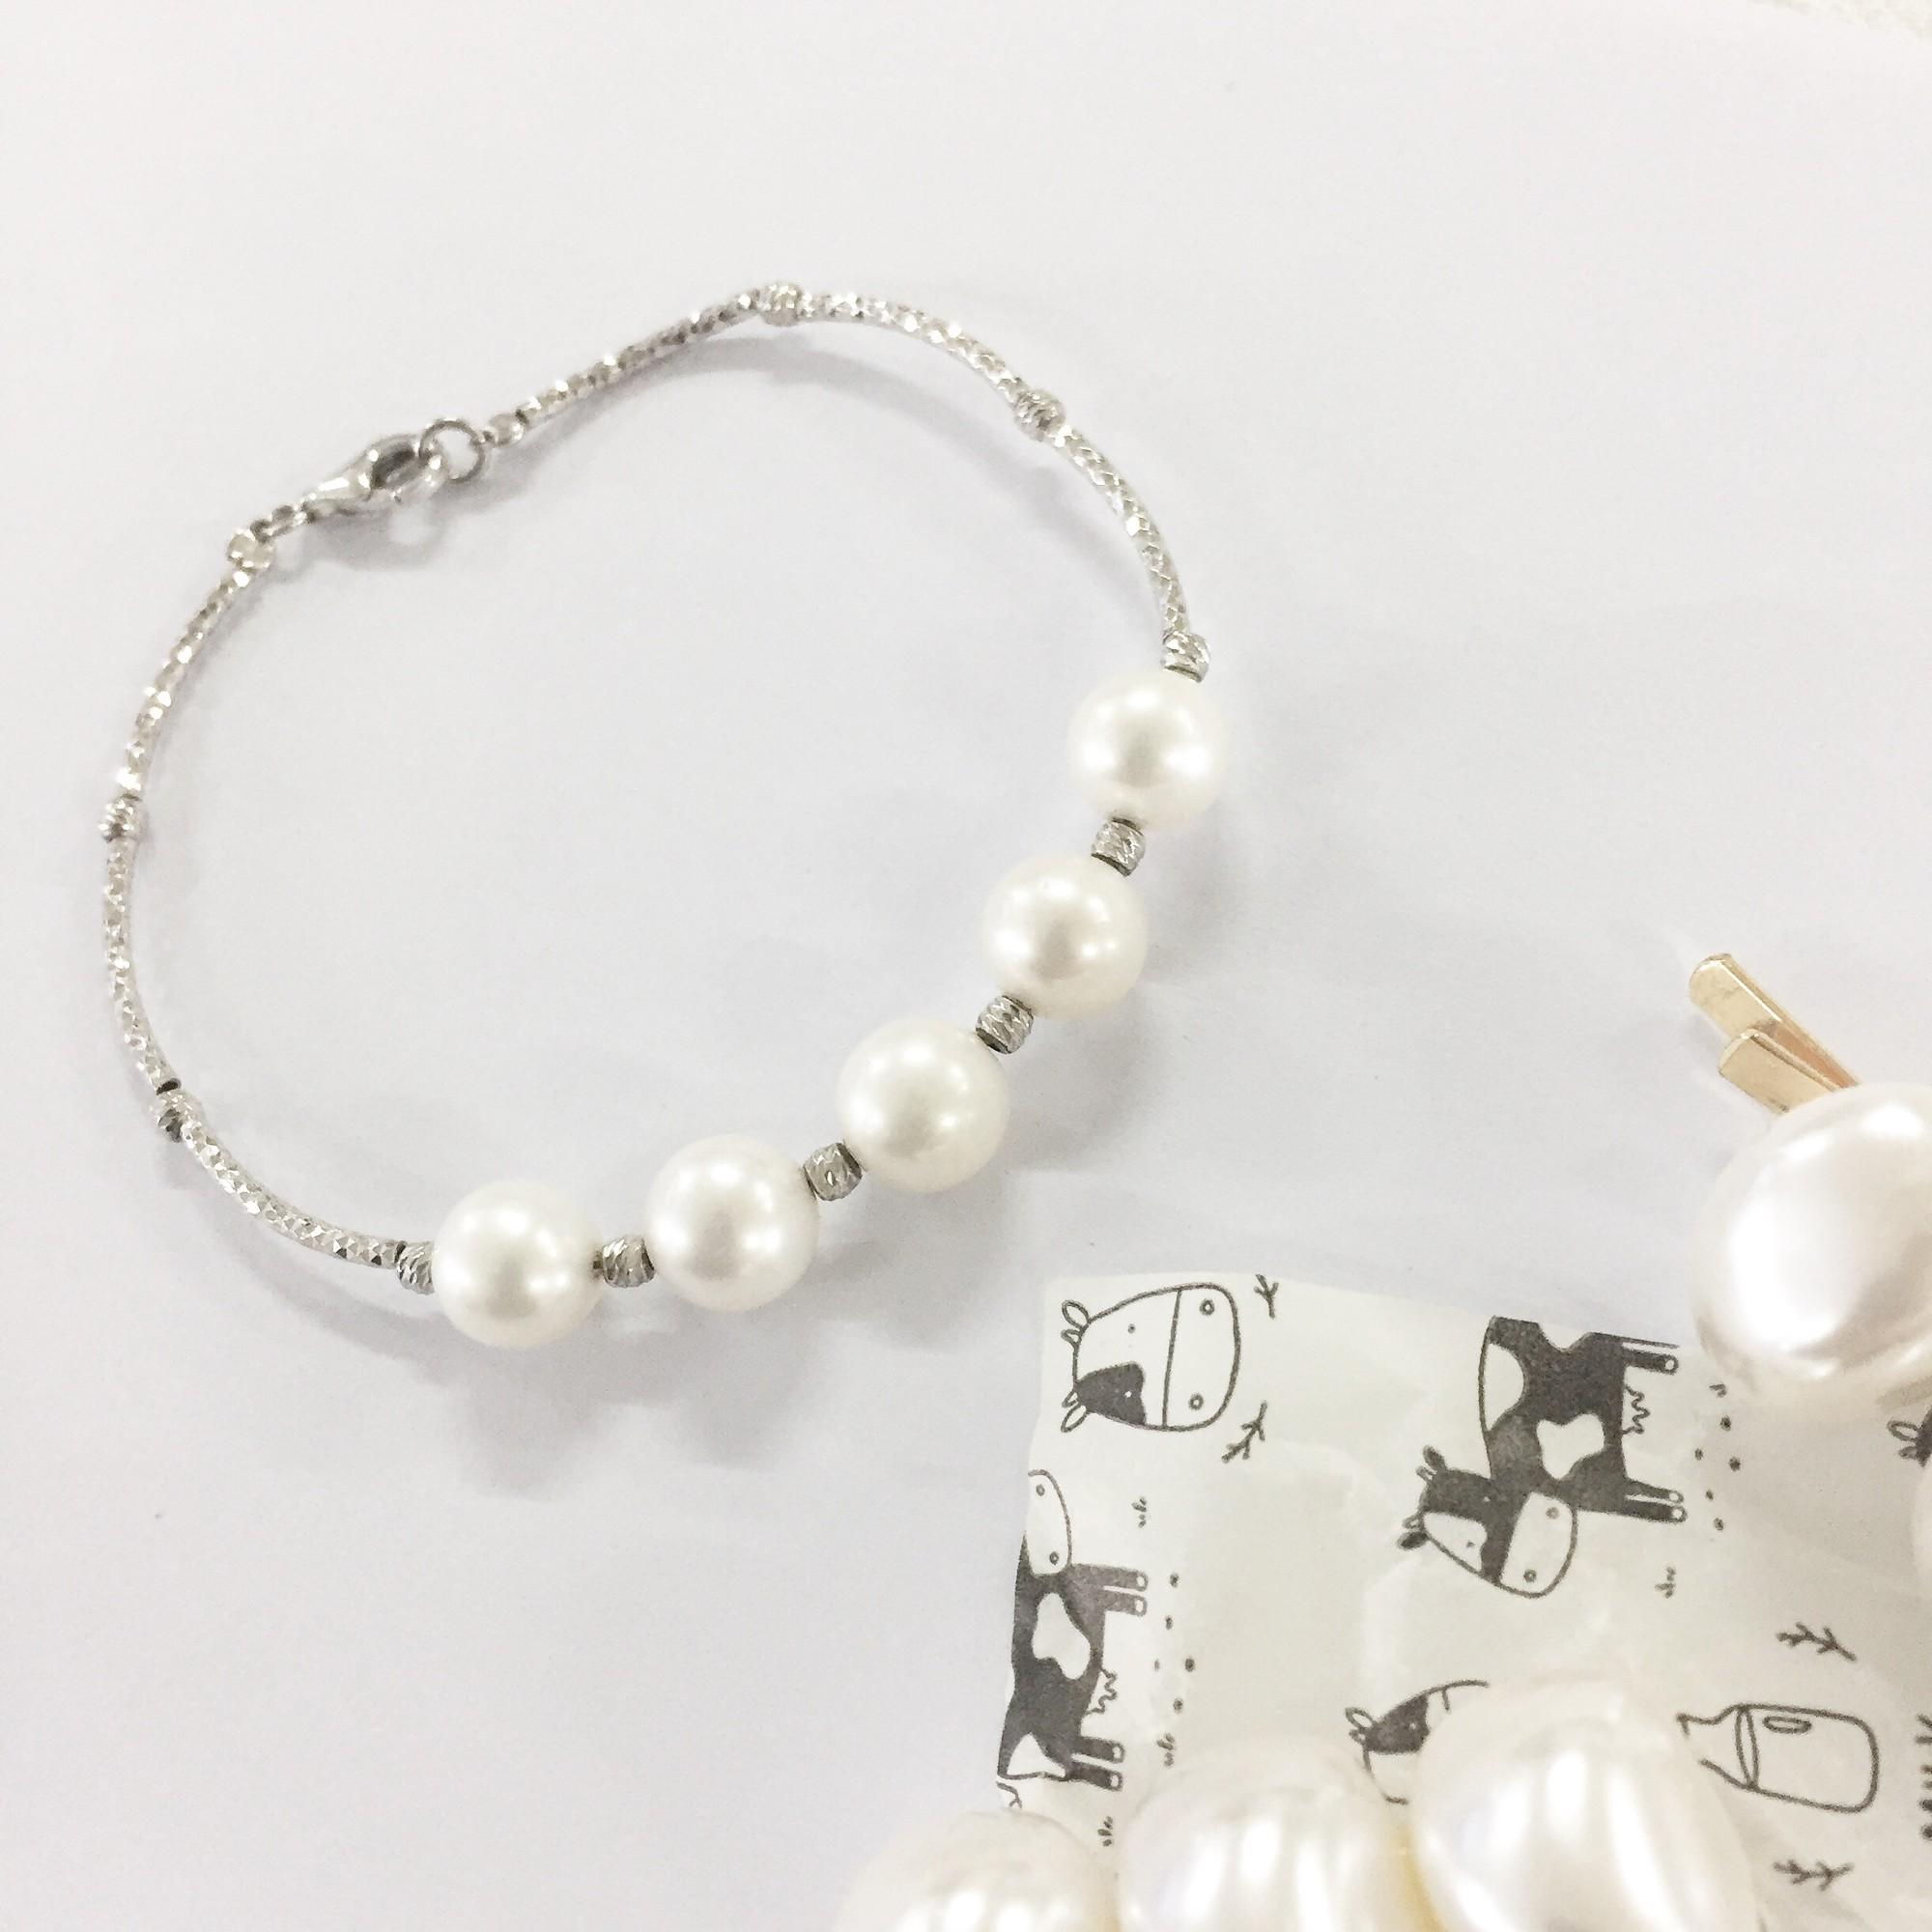 简约轻奢精美淡水珍珠手链女纯银